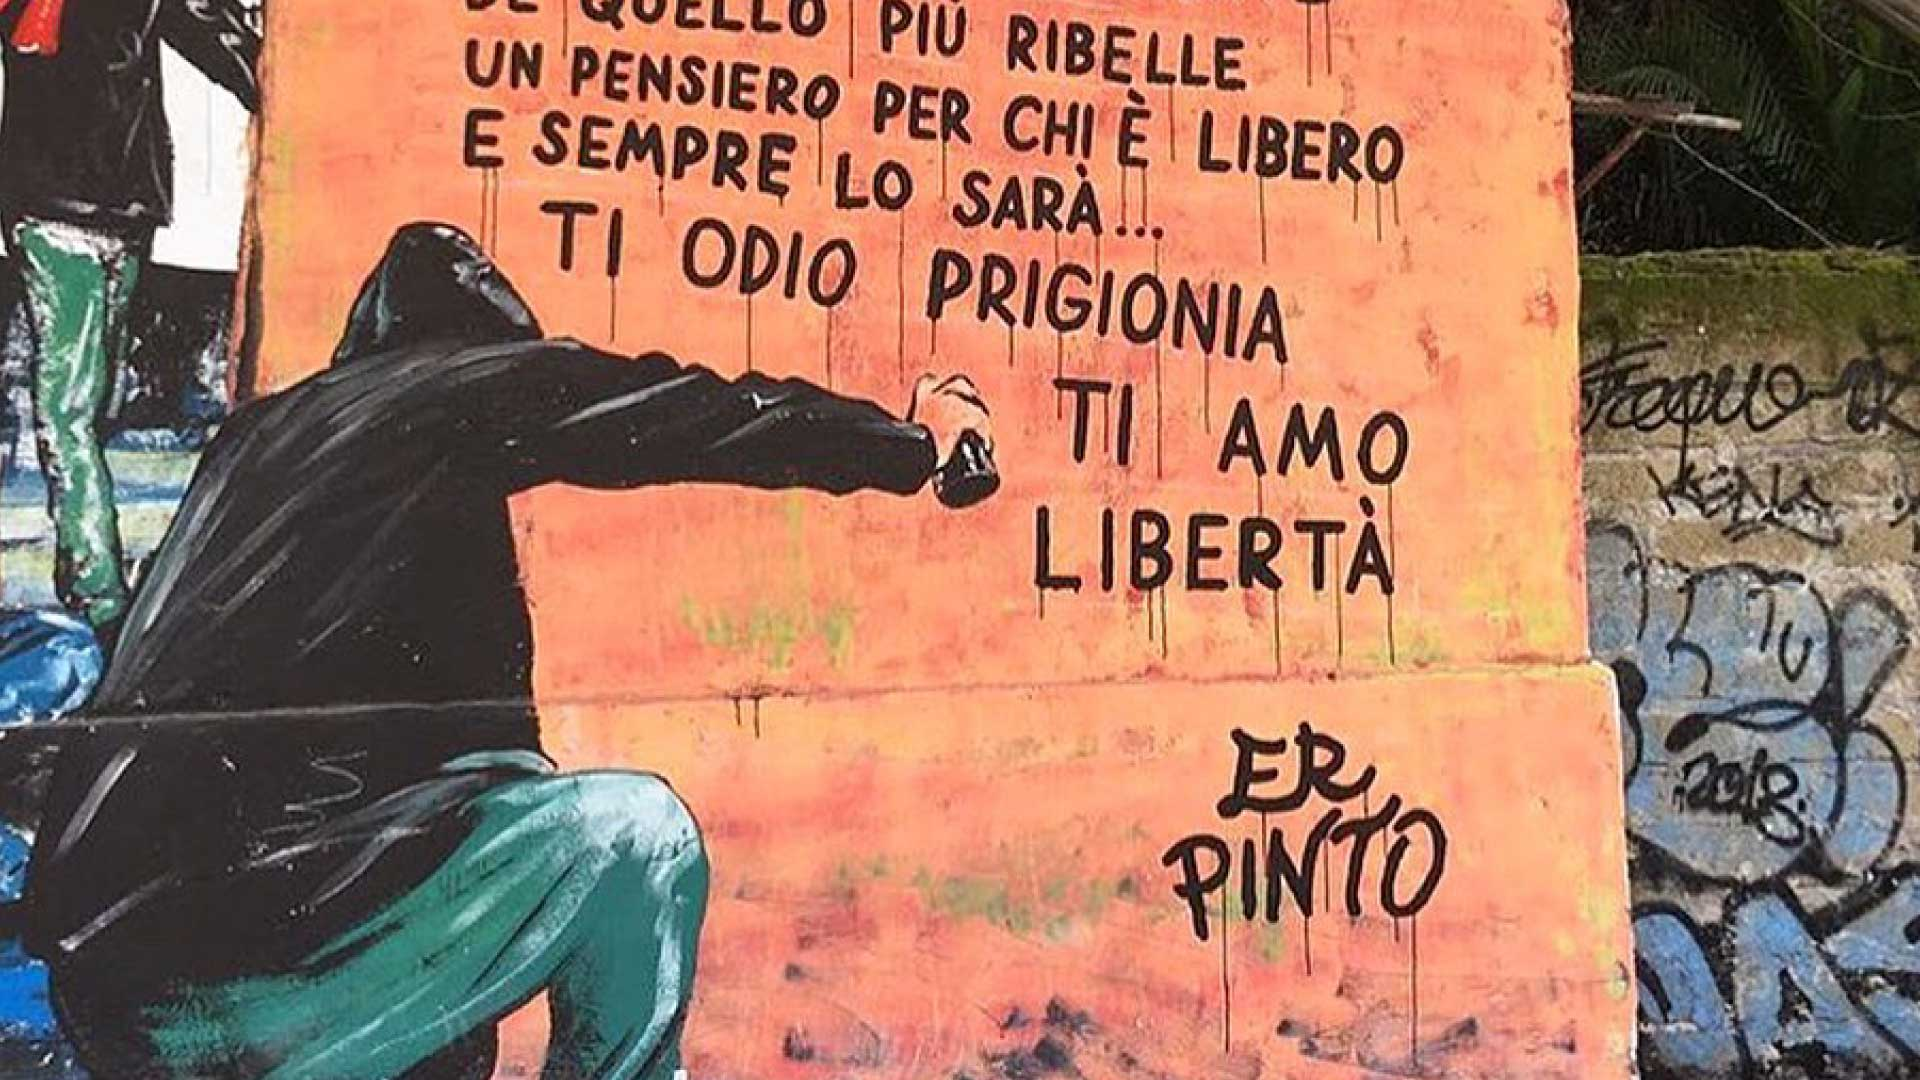 Intervista a er Pinto: il valore delle parole e della strada